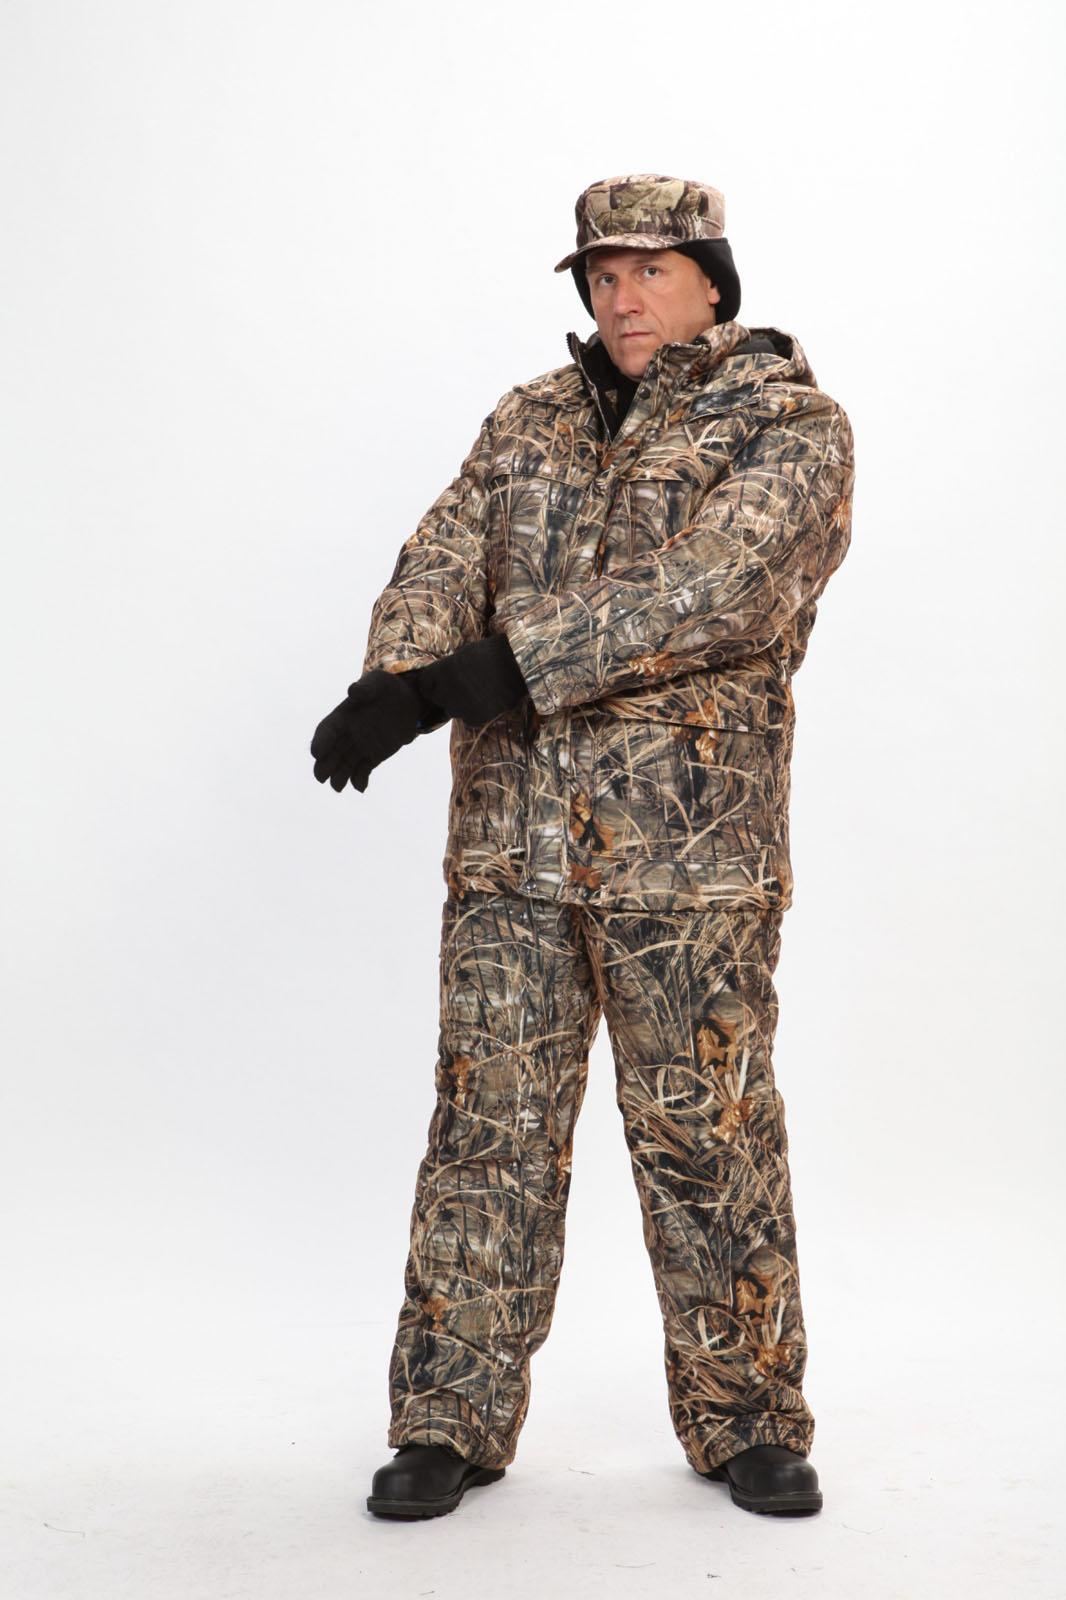 Костюм мужской Вепрь зимний кмф алова Костюмы утепленные<br>Камуфлированный универсальный костюм <br>для охоты, рыбалки и активного отдыха при <br>низких температурах. Состоит из удлиненной <br>куртки и полукомбинезона. Куртка: • Центральная <br>застежка на молнии с ветрозащитной планкой <br>на кнопках. • Отстегивающийся и регулируемый <br>капюшон. • Регулируемая кулиса по линии <br>талии. • Нижние и верхние многофункциональные <br>накладные карманы с клапанами на контактной <br>ленте и на молнии. • Усиление в области <br>локтей. • Трикотажные манжеты по низу рукавов. <br>Полукомбинезон: • Высокая грудка и спинка. <br>• Центральная застежка на молнию. • Талия <br>регулируется эластичной лентой. • Регулируемые <br>бретели, • Верхние боковые карманы<br><br>Пол: мужской<br>Размер: 44-46<br>Рост: 182-188<br>Сезон: зима<br>Цвет: коричневый<br>Материал: Алова (100% полиэстер) пл. 225 г/м.кв - трикот.полотно